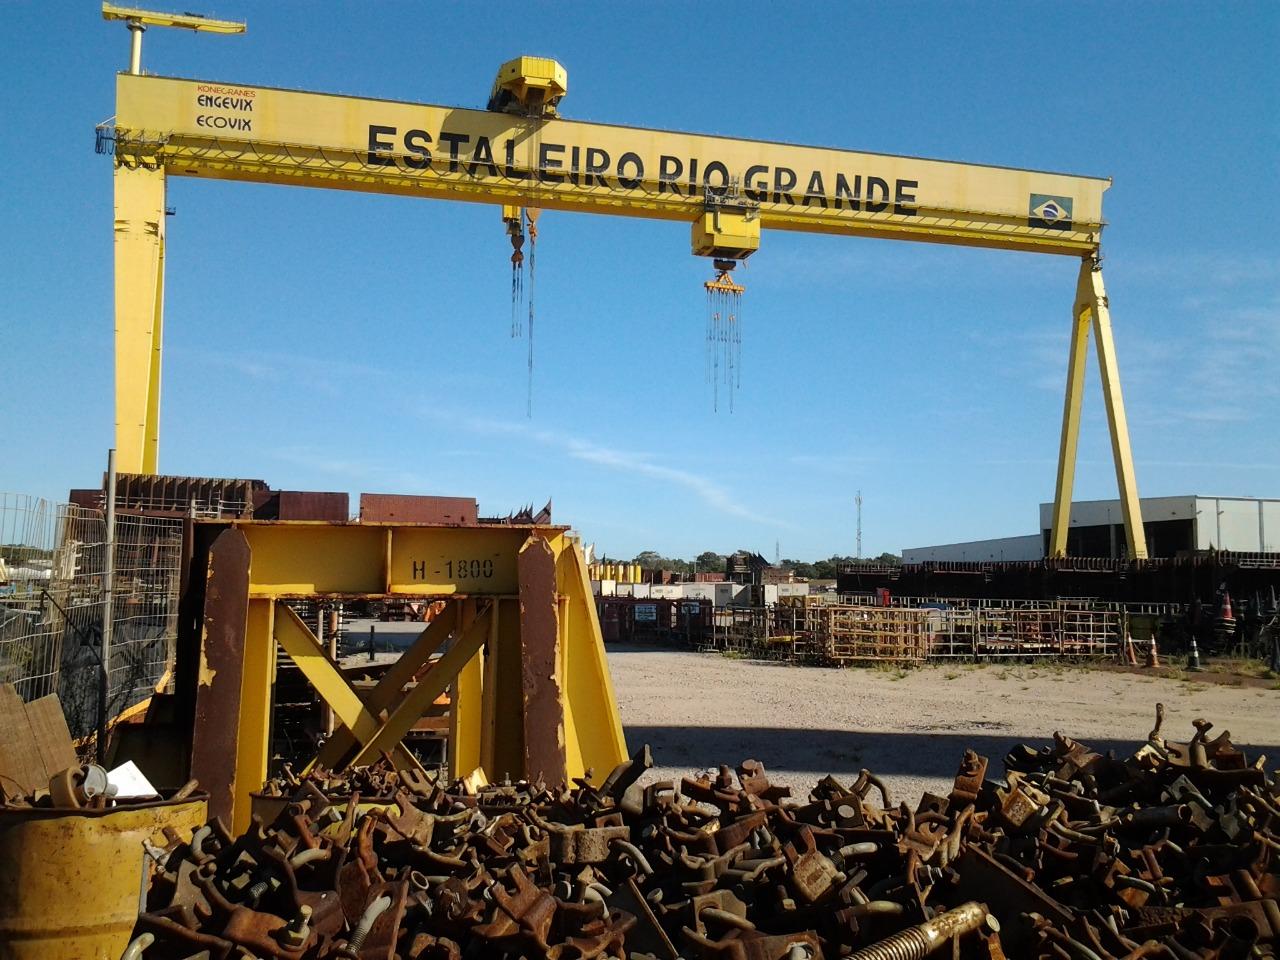 Remoção de estruturas no Estaleiro Rio Grande deve gerar 400 empregos